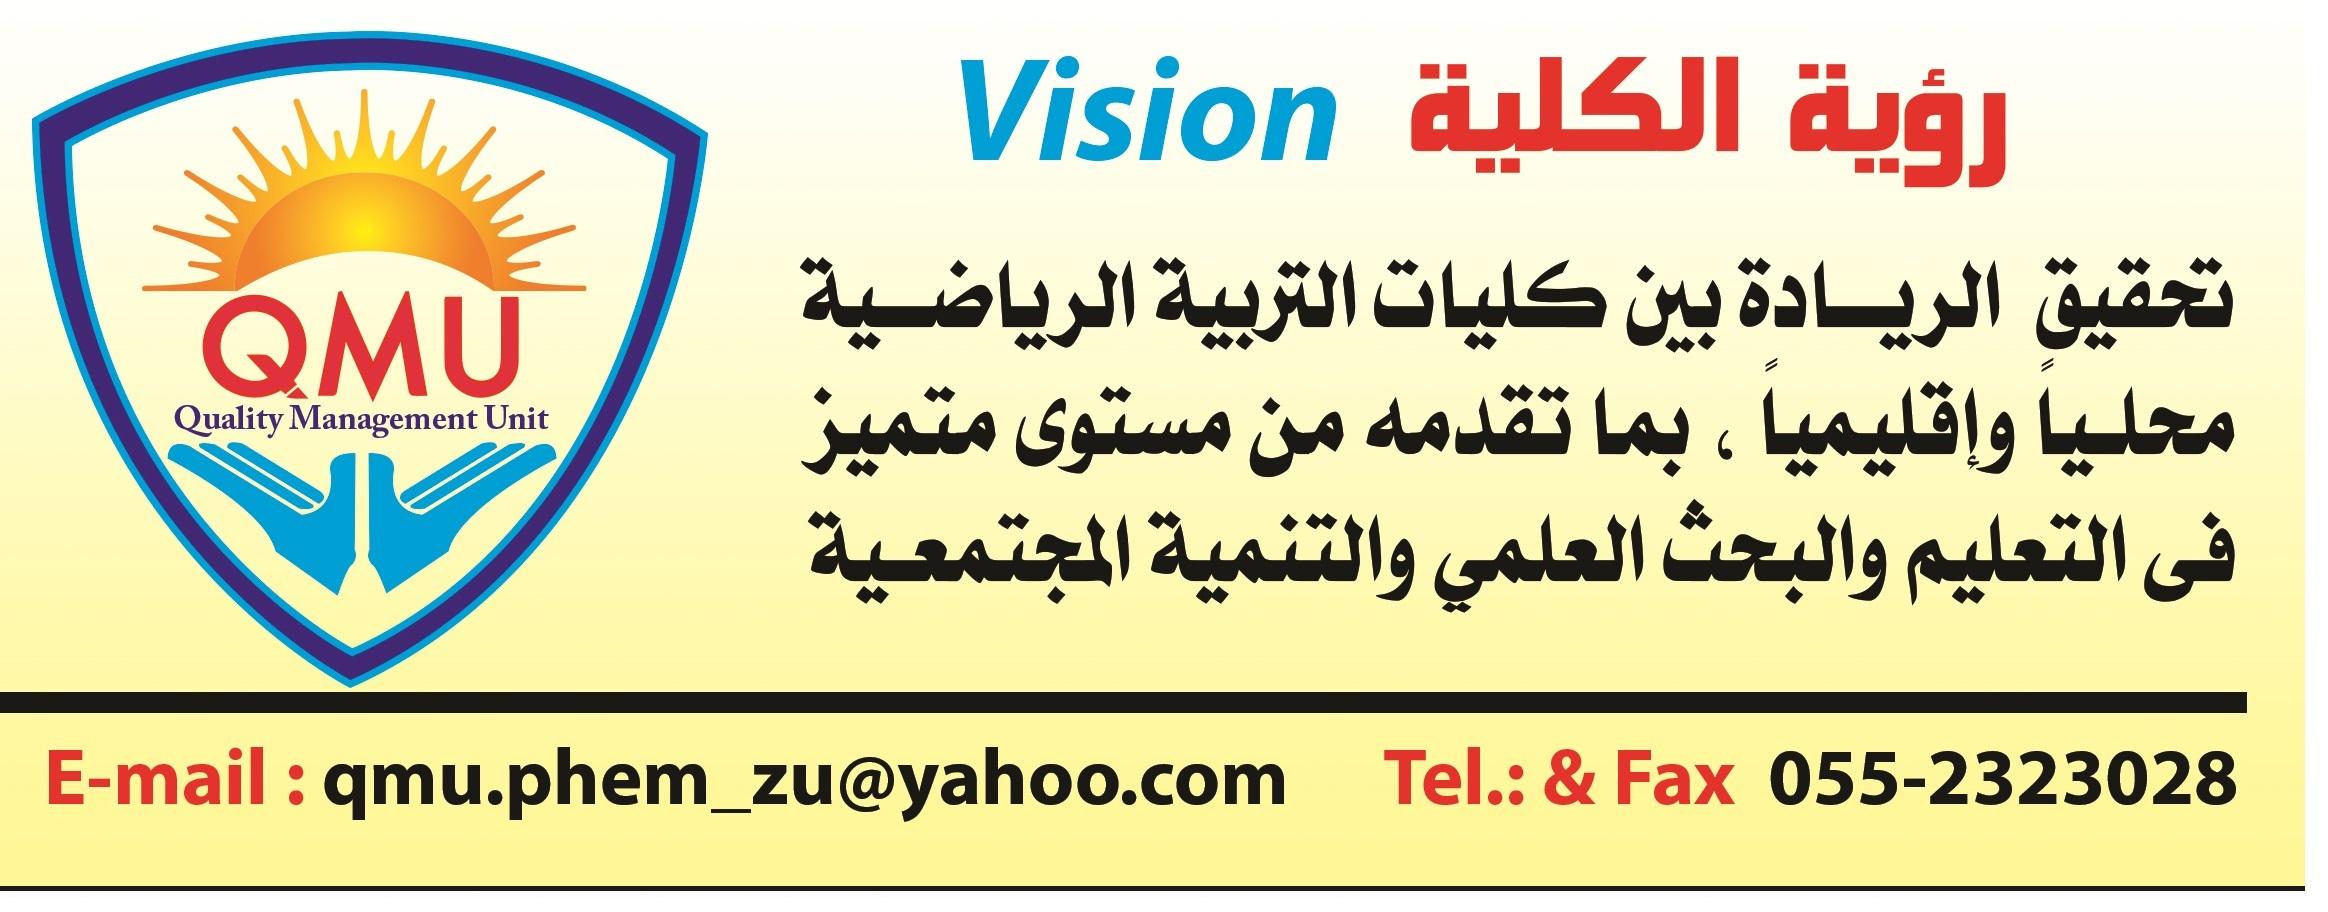 رؤية الكلية vision